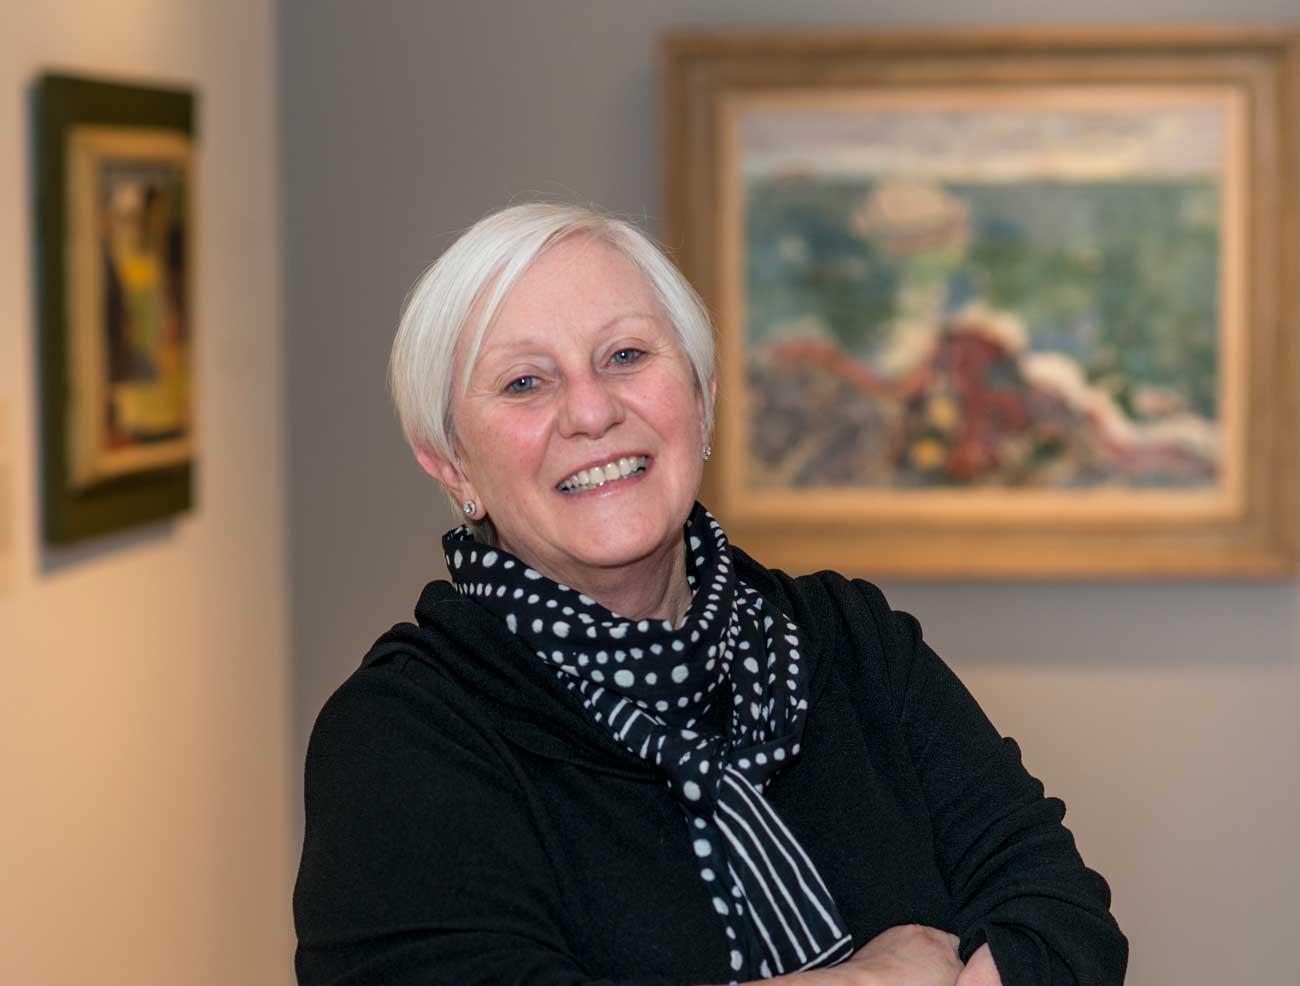 Marilyn Laufer, JCSM Director